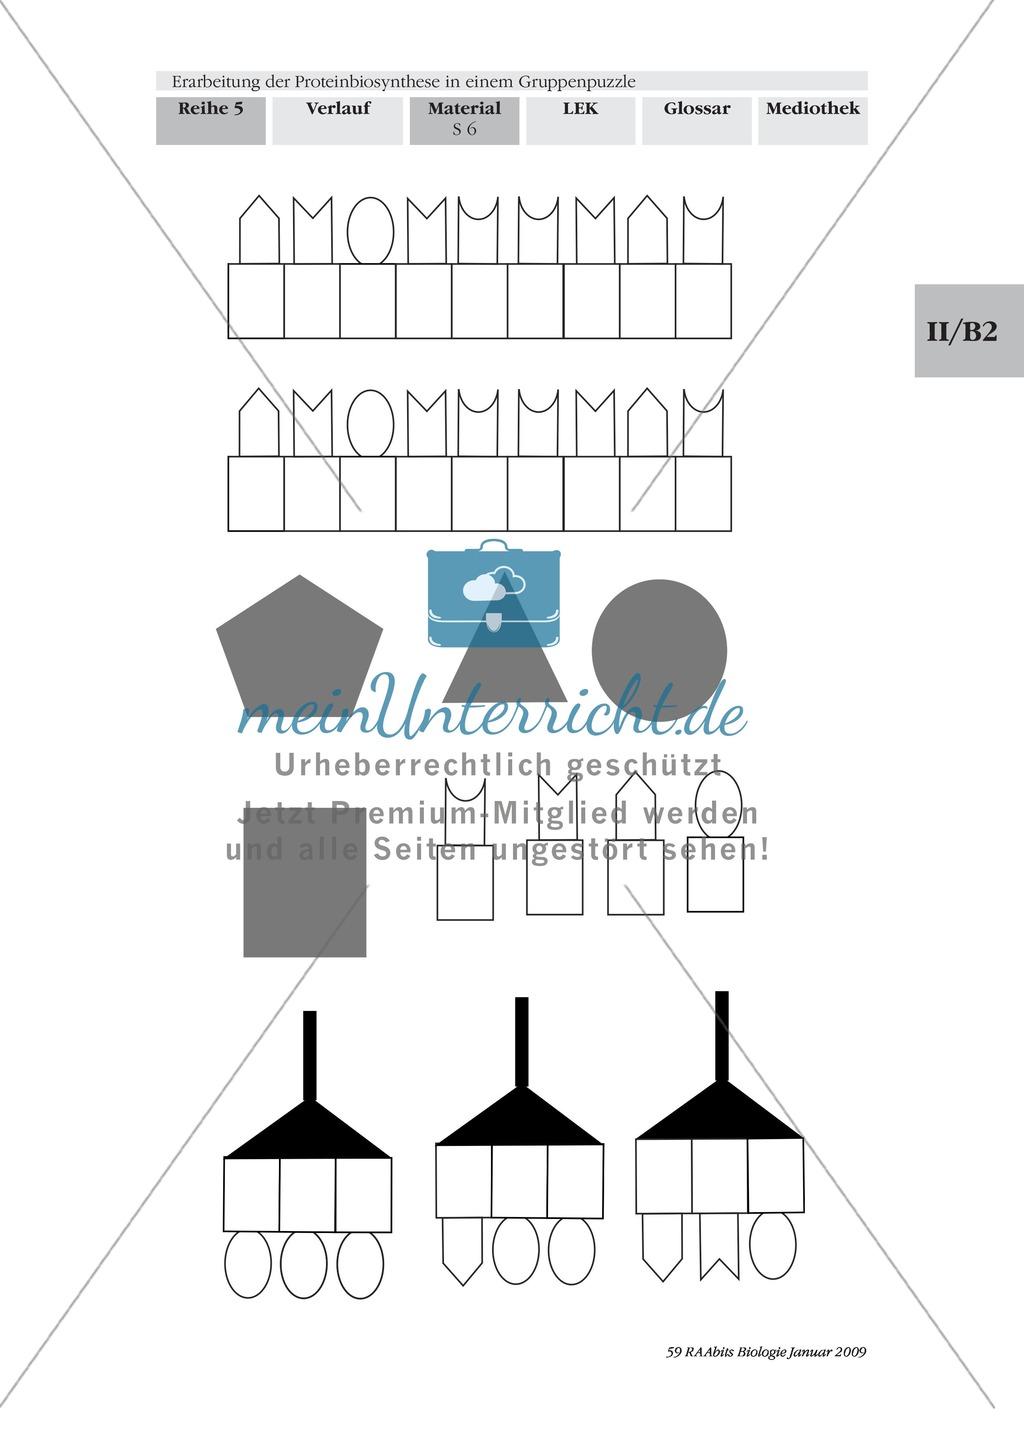 Einführung in die Proteinbiosynthese anhand eines Modells Preview 6